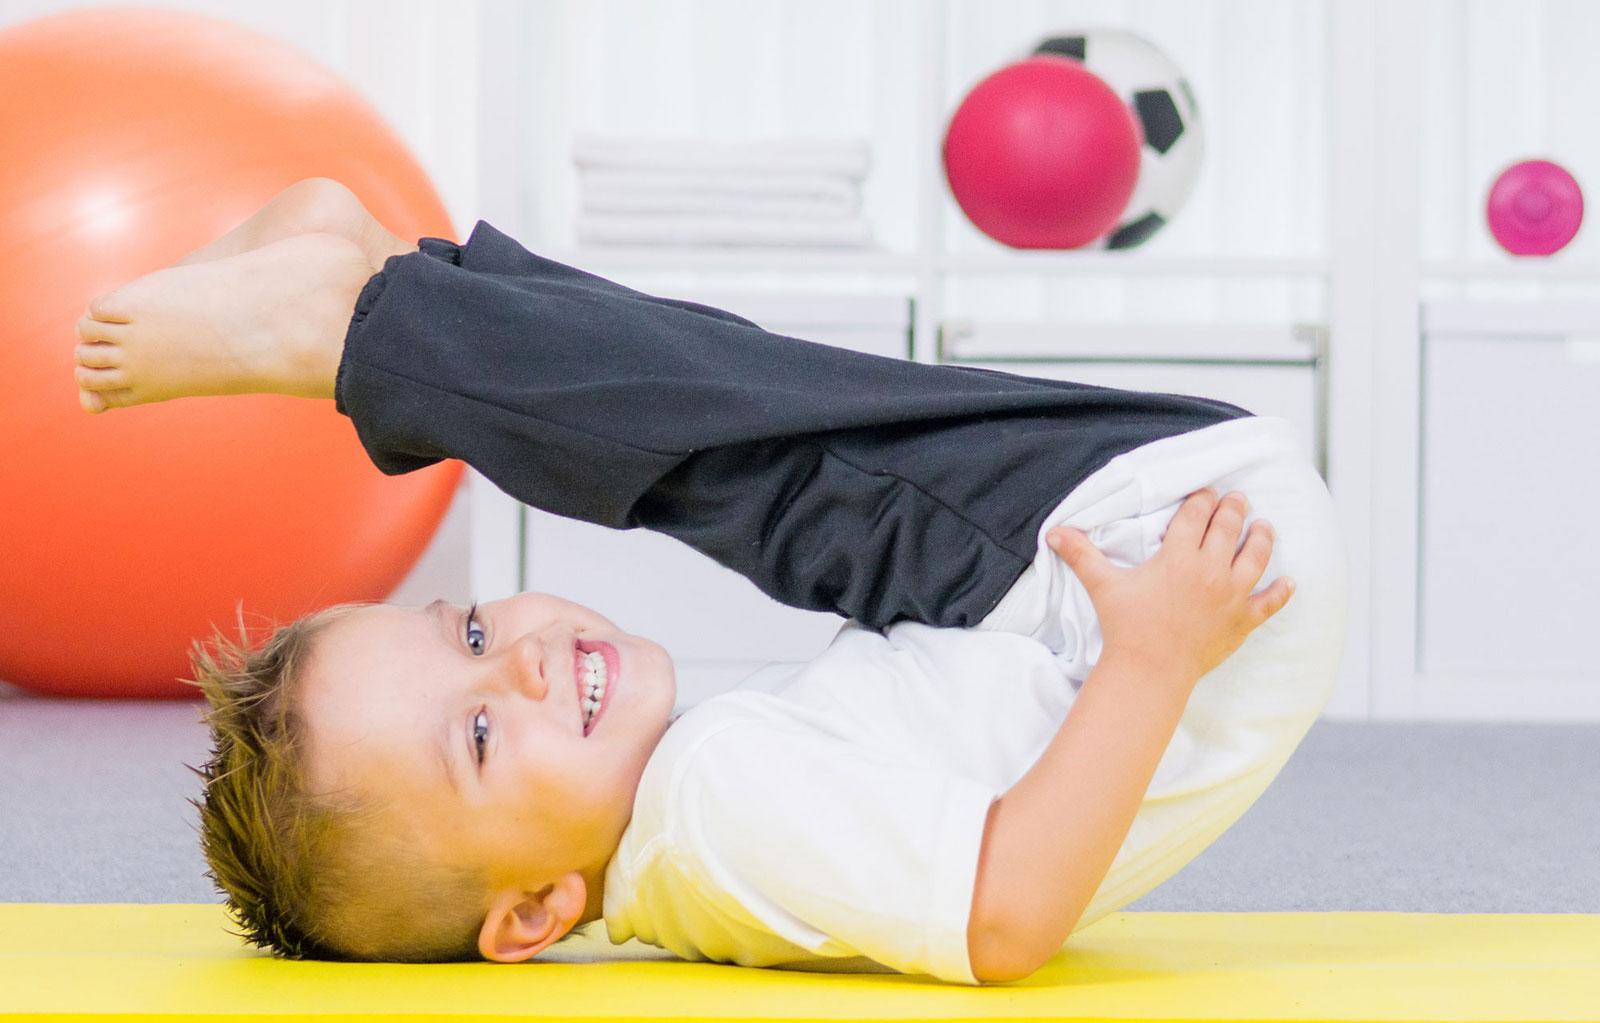 Kleiner junge liegt lachend auf dem Rücken bei einer ergotherapheutischen Übung